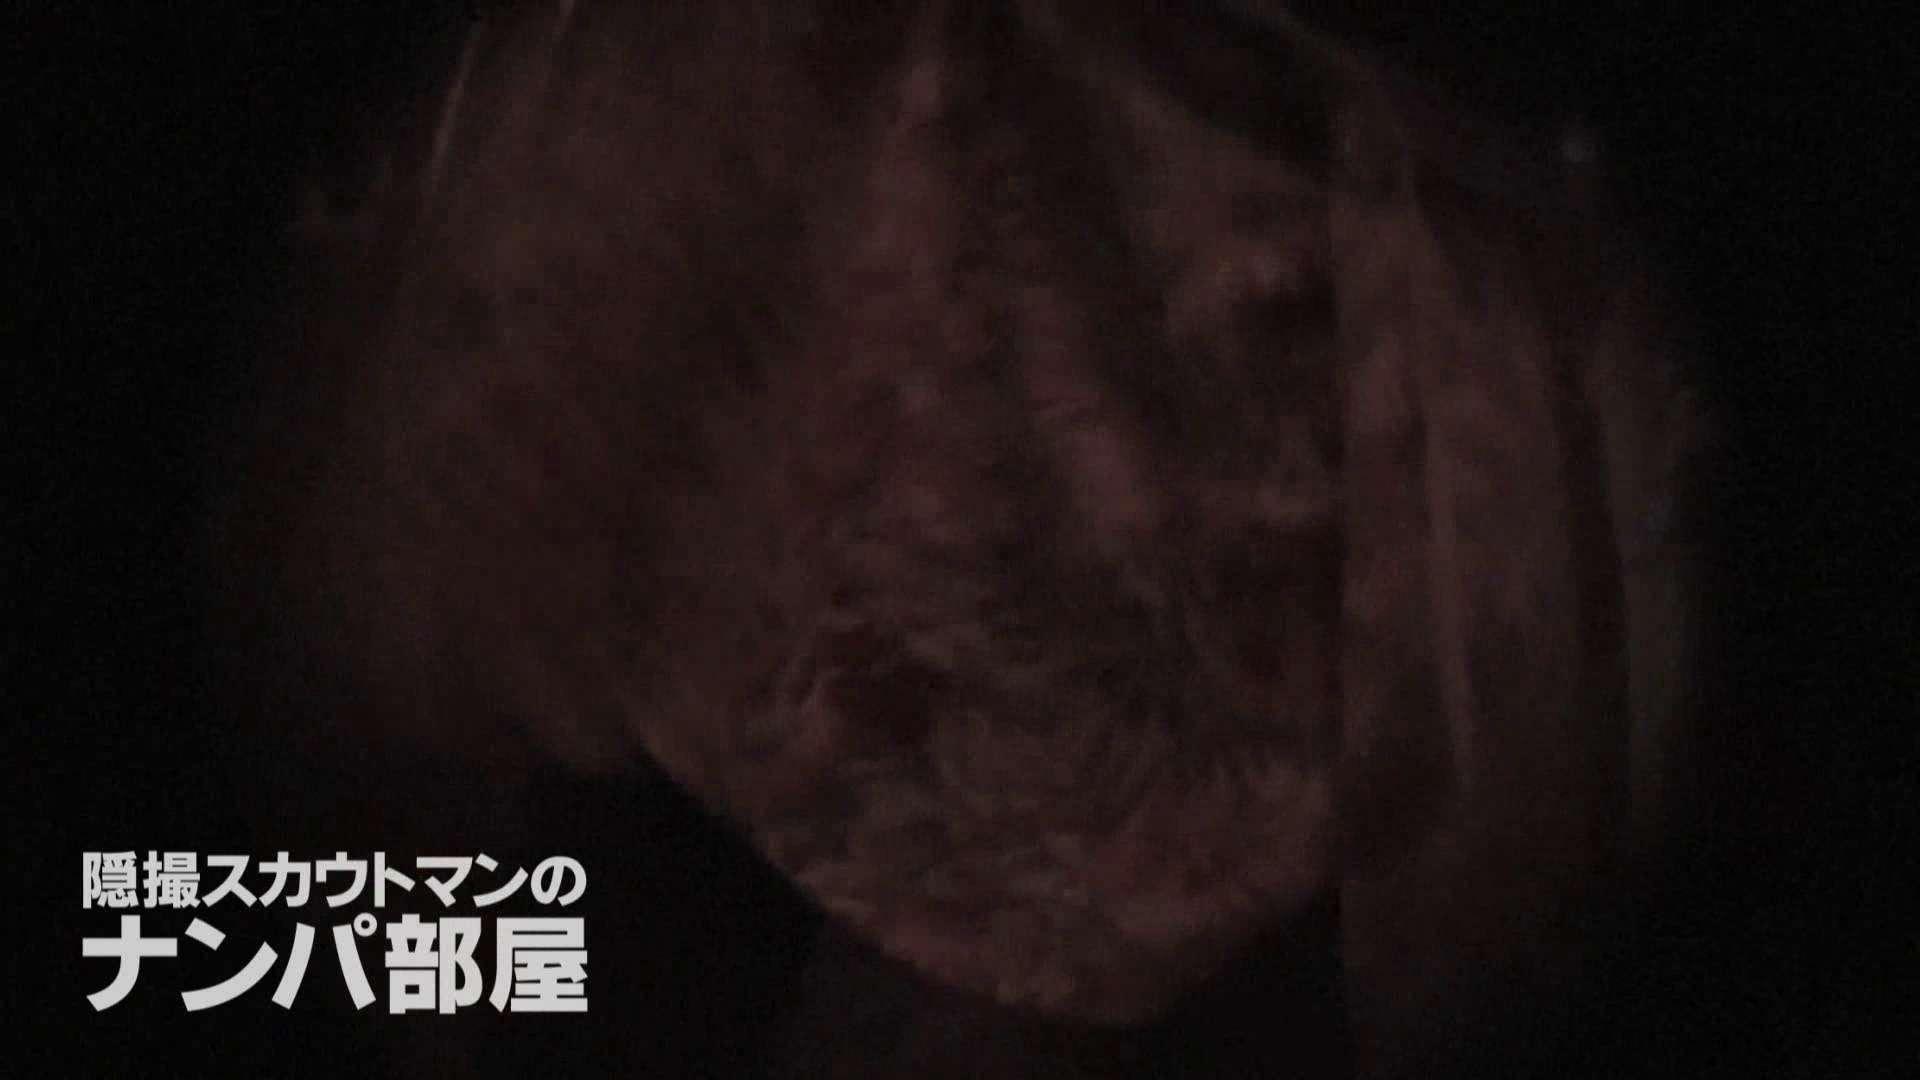 隠撮スカウトマンのナンパ部屋~風俗デビュー前のつまみ食い~ sii 隠撮   脱衣所  67pic 25